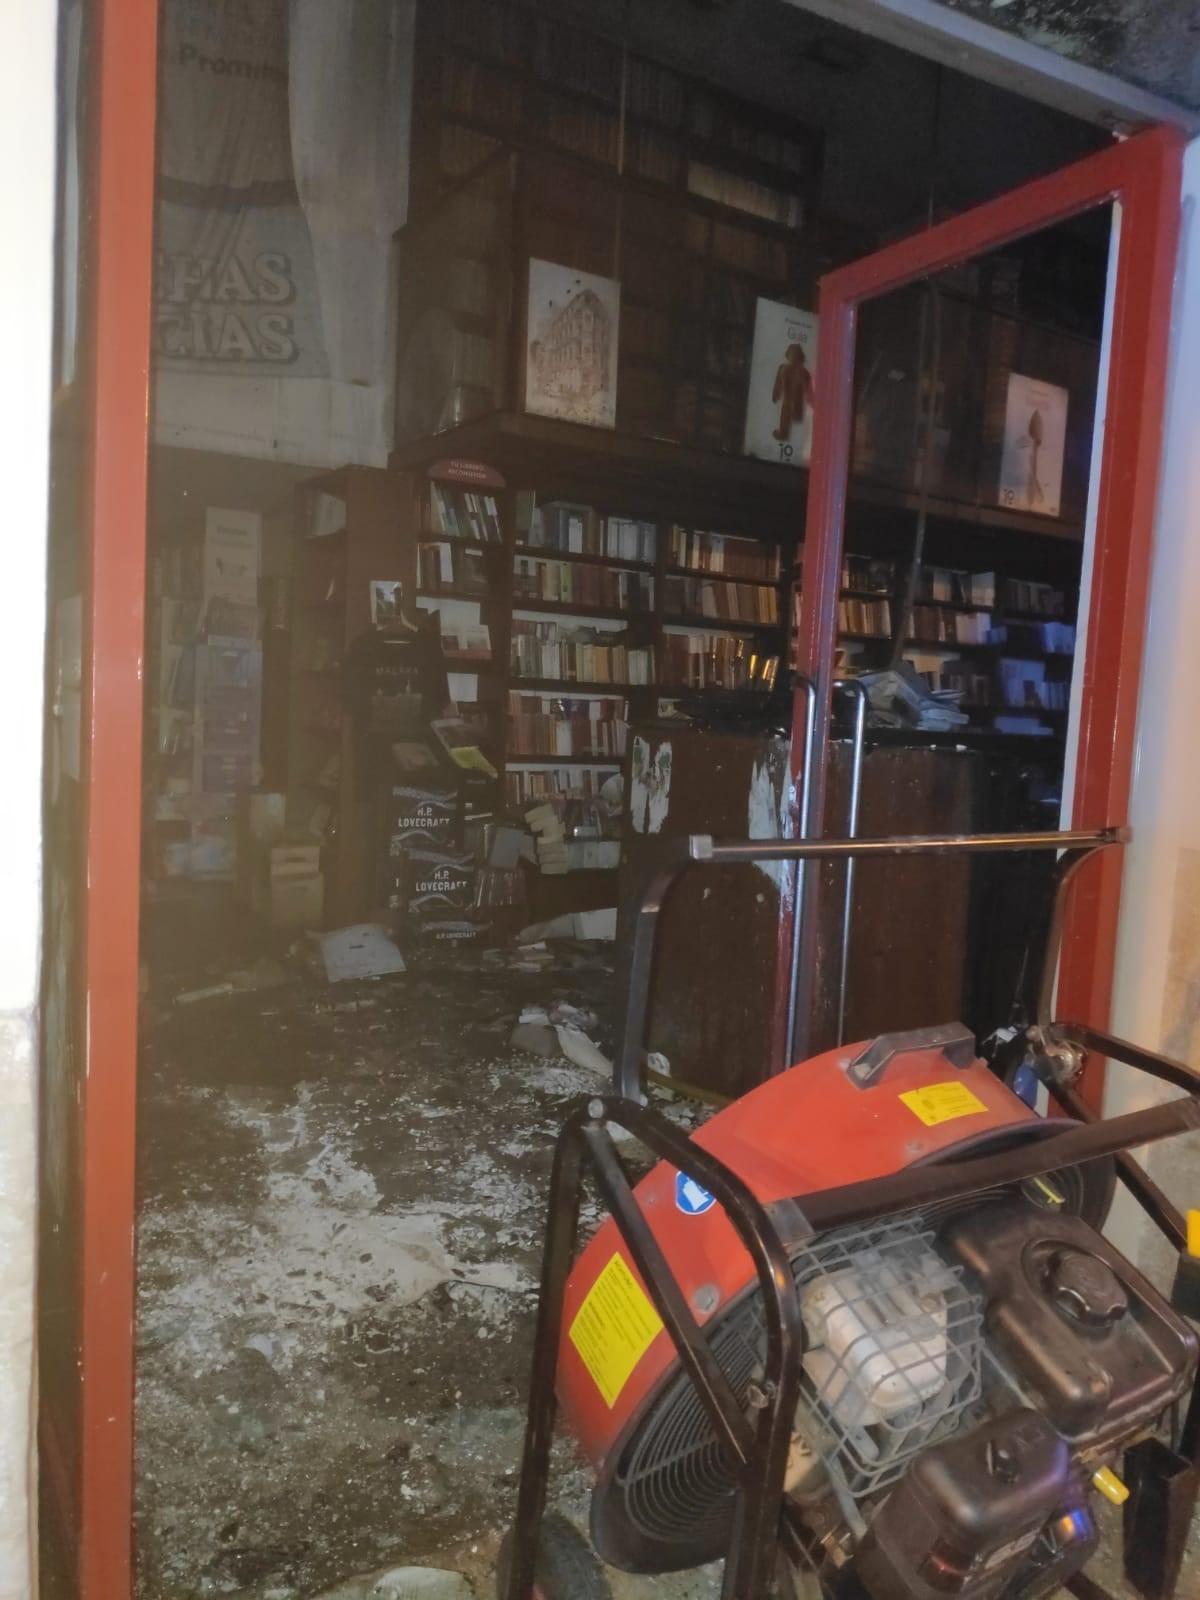 La librería, tras el incendio.